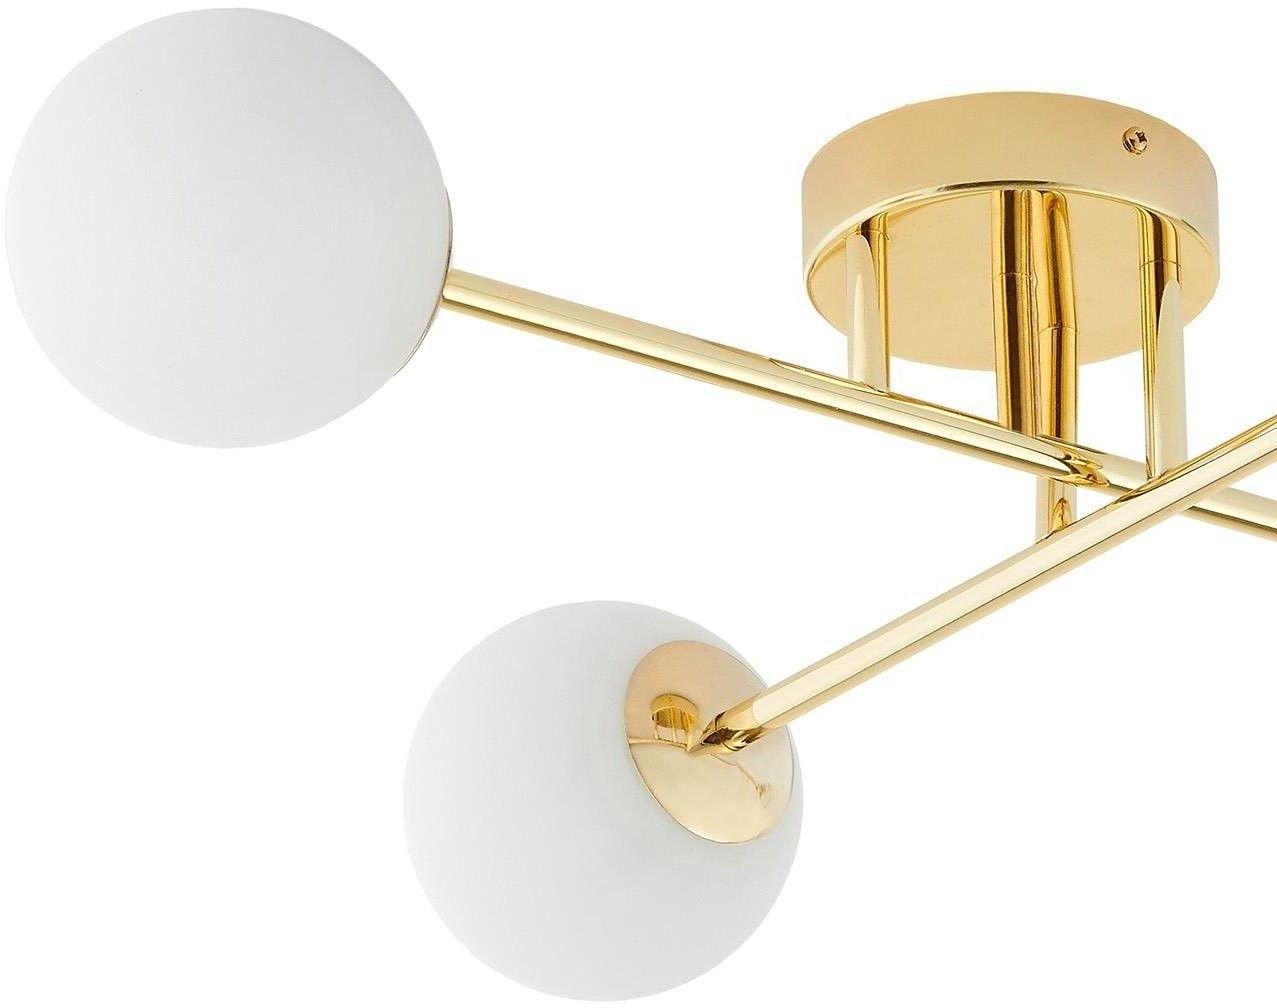 Plafon Astra 10771405 KASPA dekoracyjna oprawa sufitowa w kolorze złotym